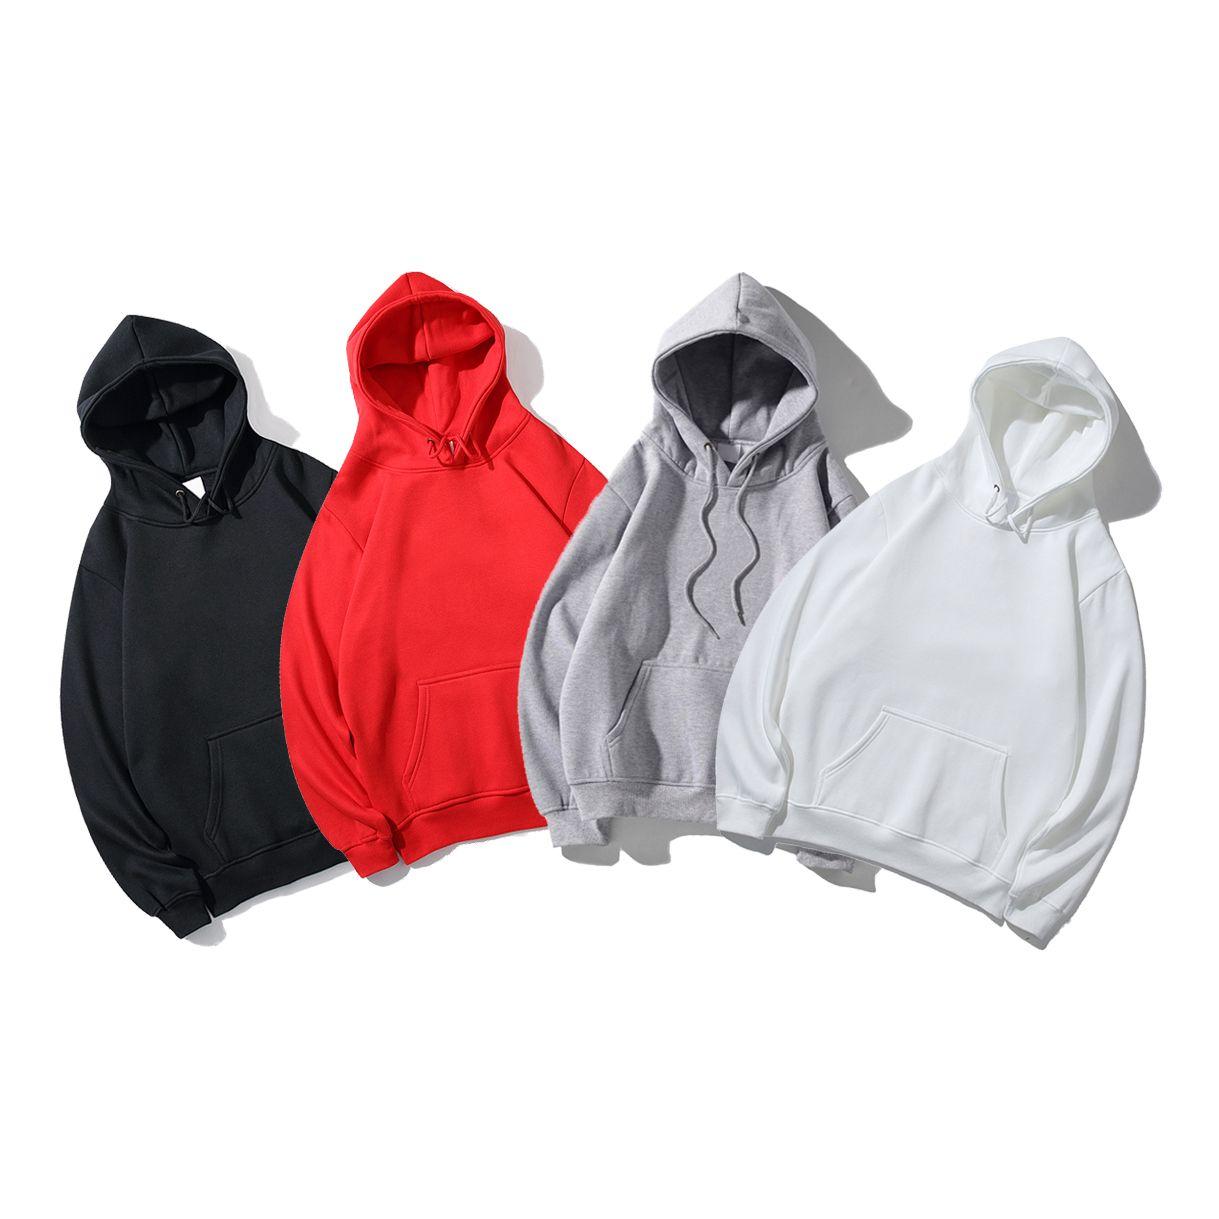 남자 후드 패션 스웨터 편지 자수 풀 오버 남자 여자 힙합 스웨터 뜨거운 판매 느슨한 후드 5 스타일 캐주얼 의류